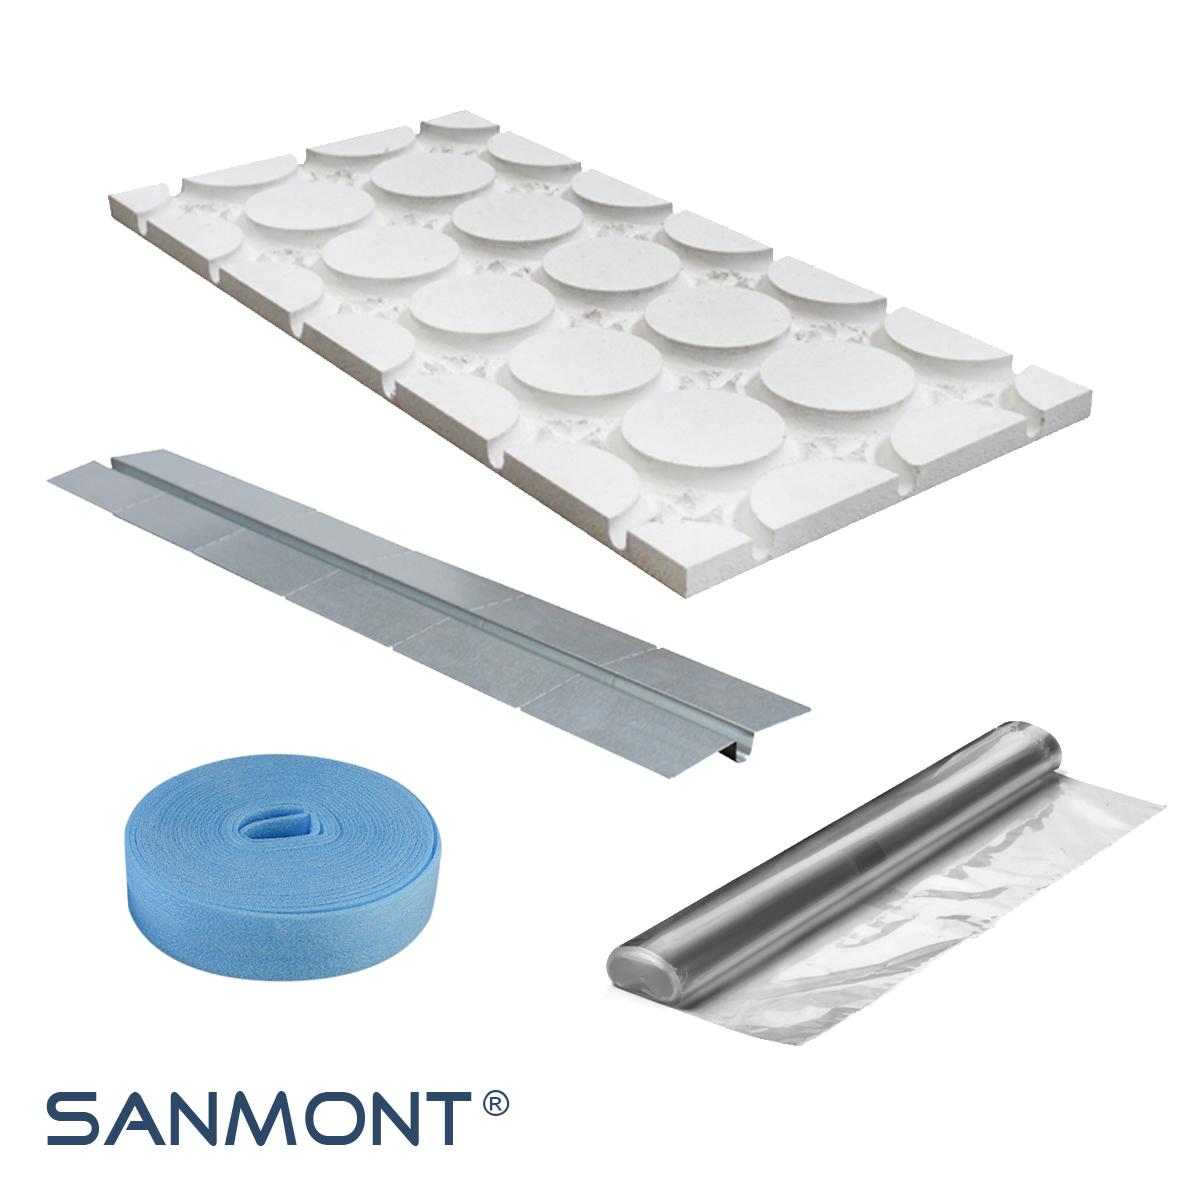 fu bodenheizung kaufen im online shop von sanmont. Black Bedroom Furniture Sets. Home Design Ideas